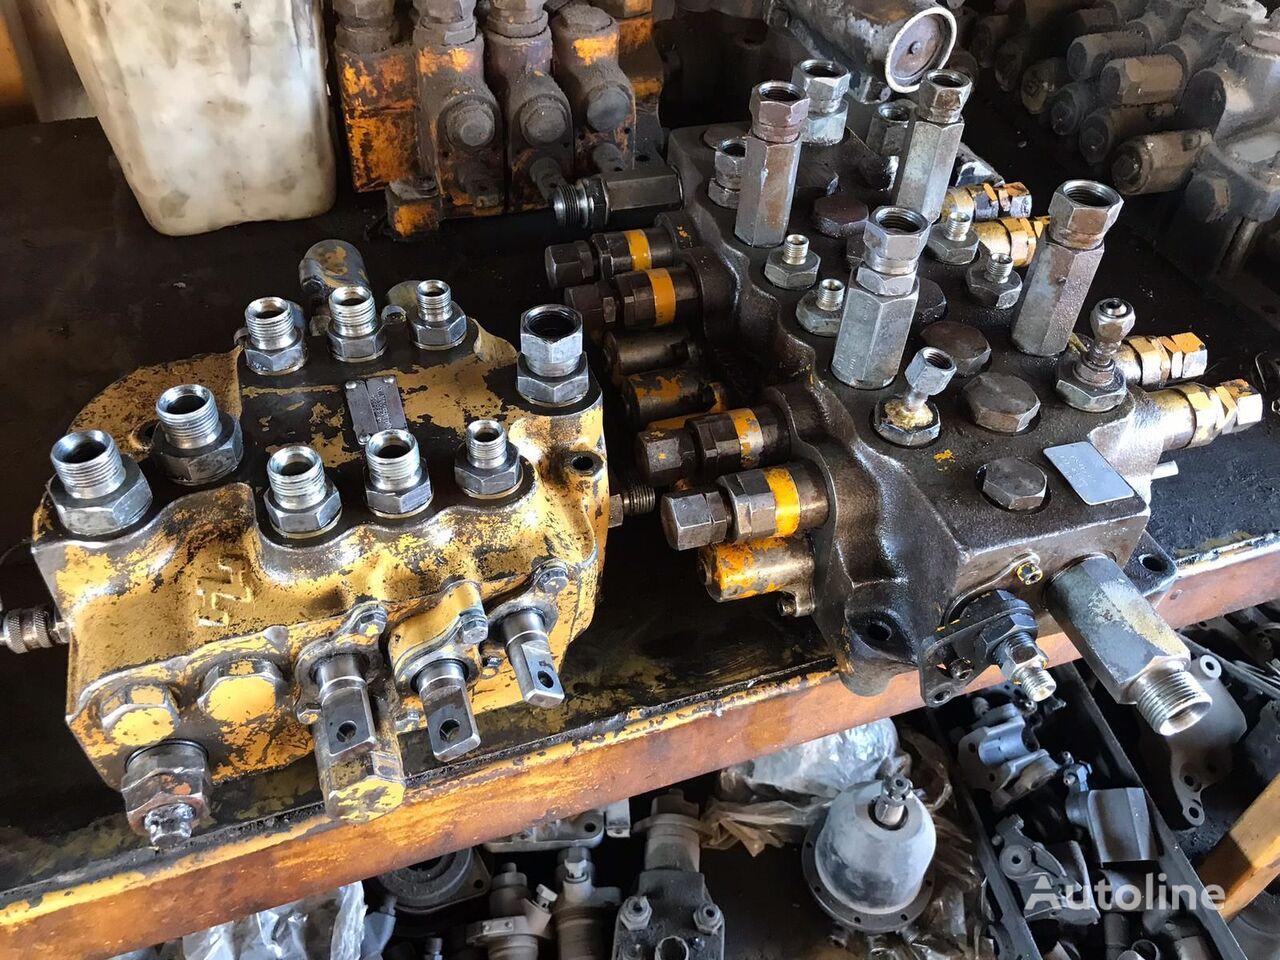 USED JCB 3CX 4CX BACKHOE LOADER CONTROL VALVE FRONT VALVE REAR V hydraulic distributor for JCB 3CX / 4CX backhoe loader